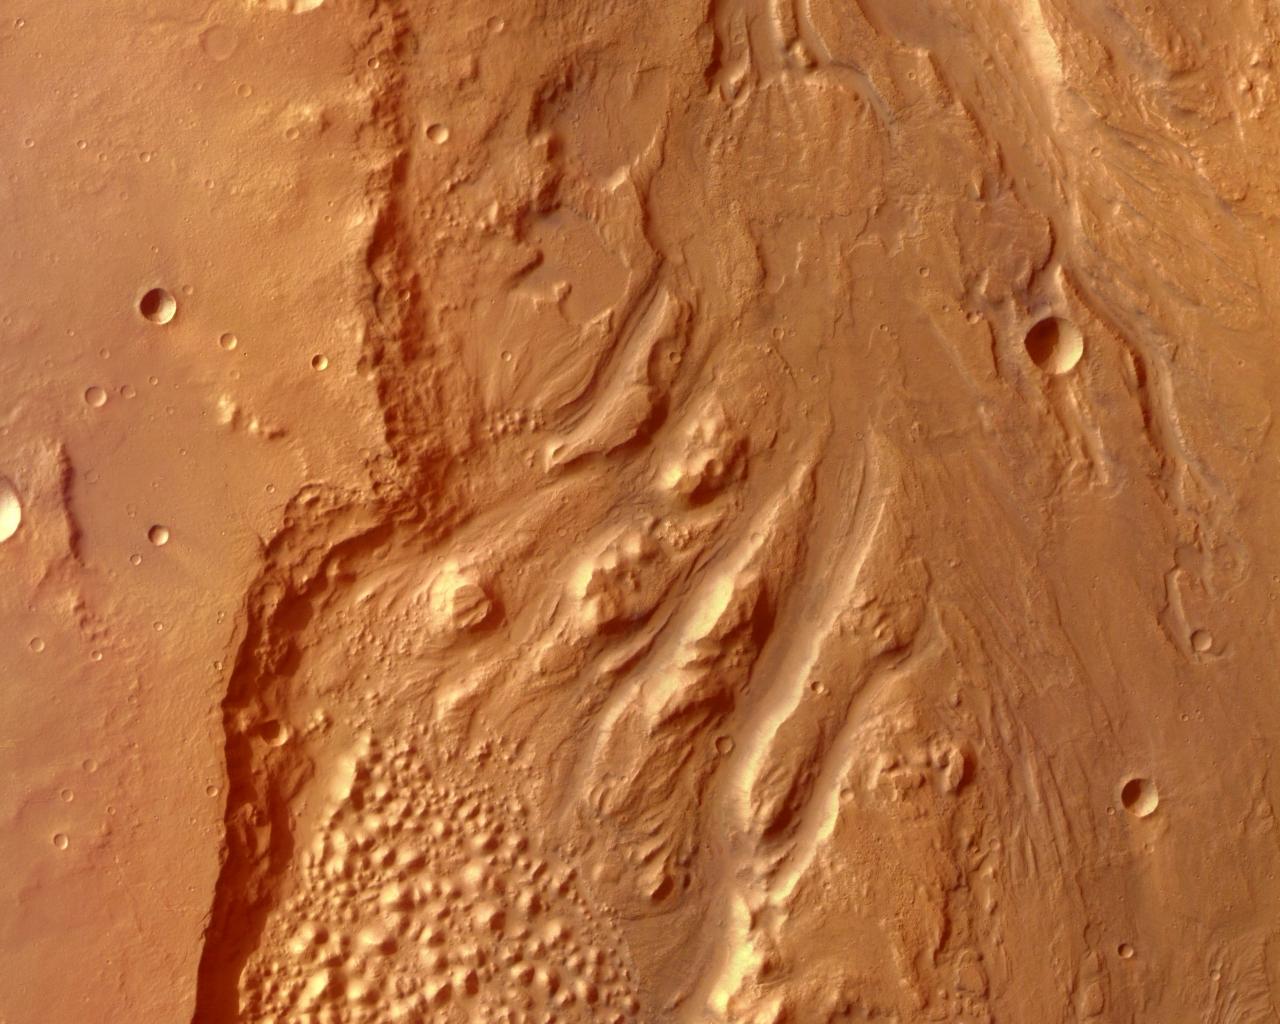 1567218086778-IaniChaos-AresVallis_erosion-wallpaper.jpg